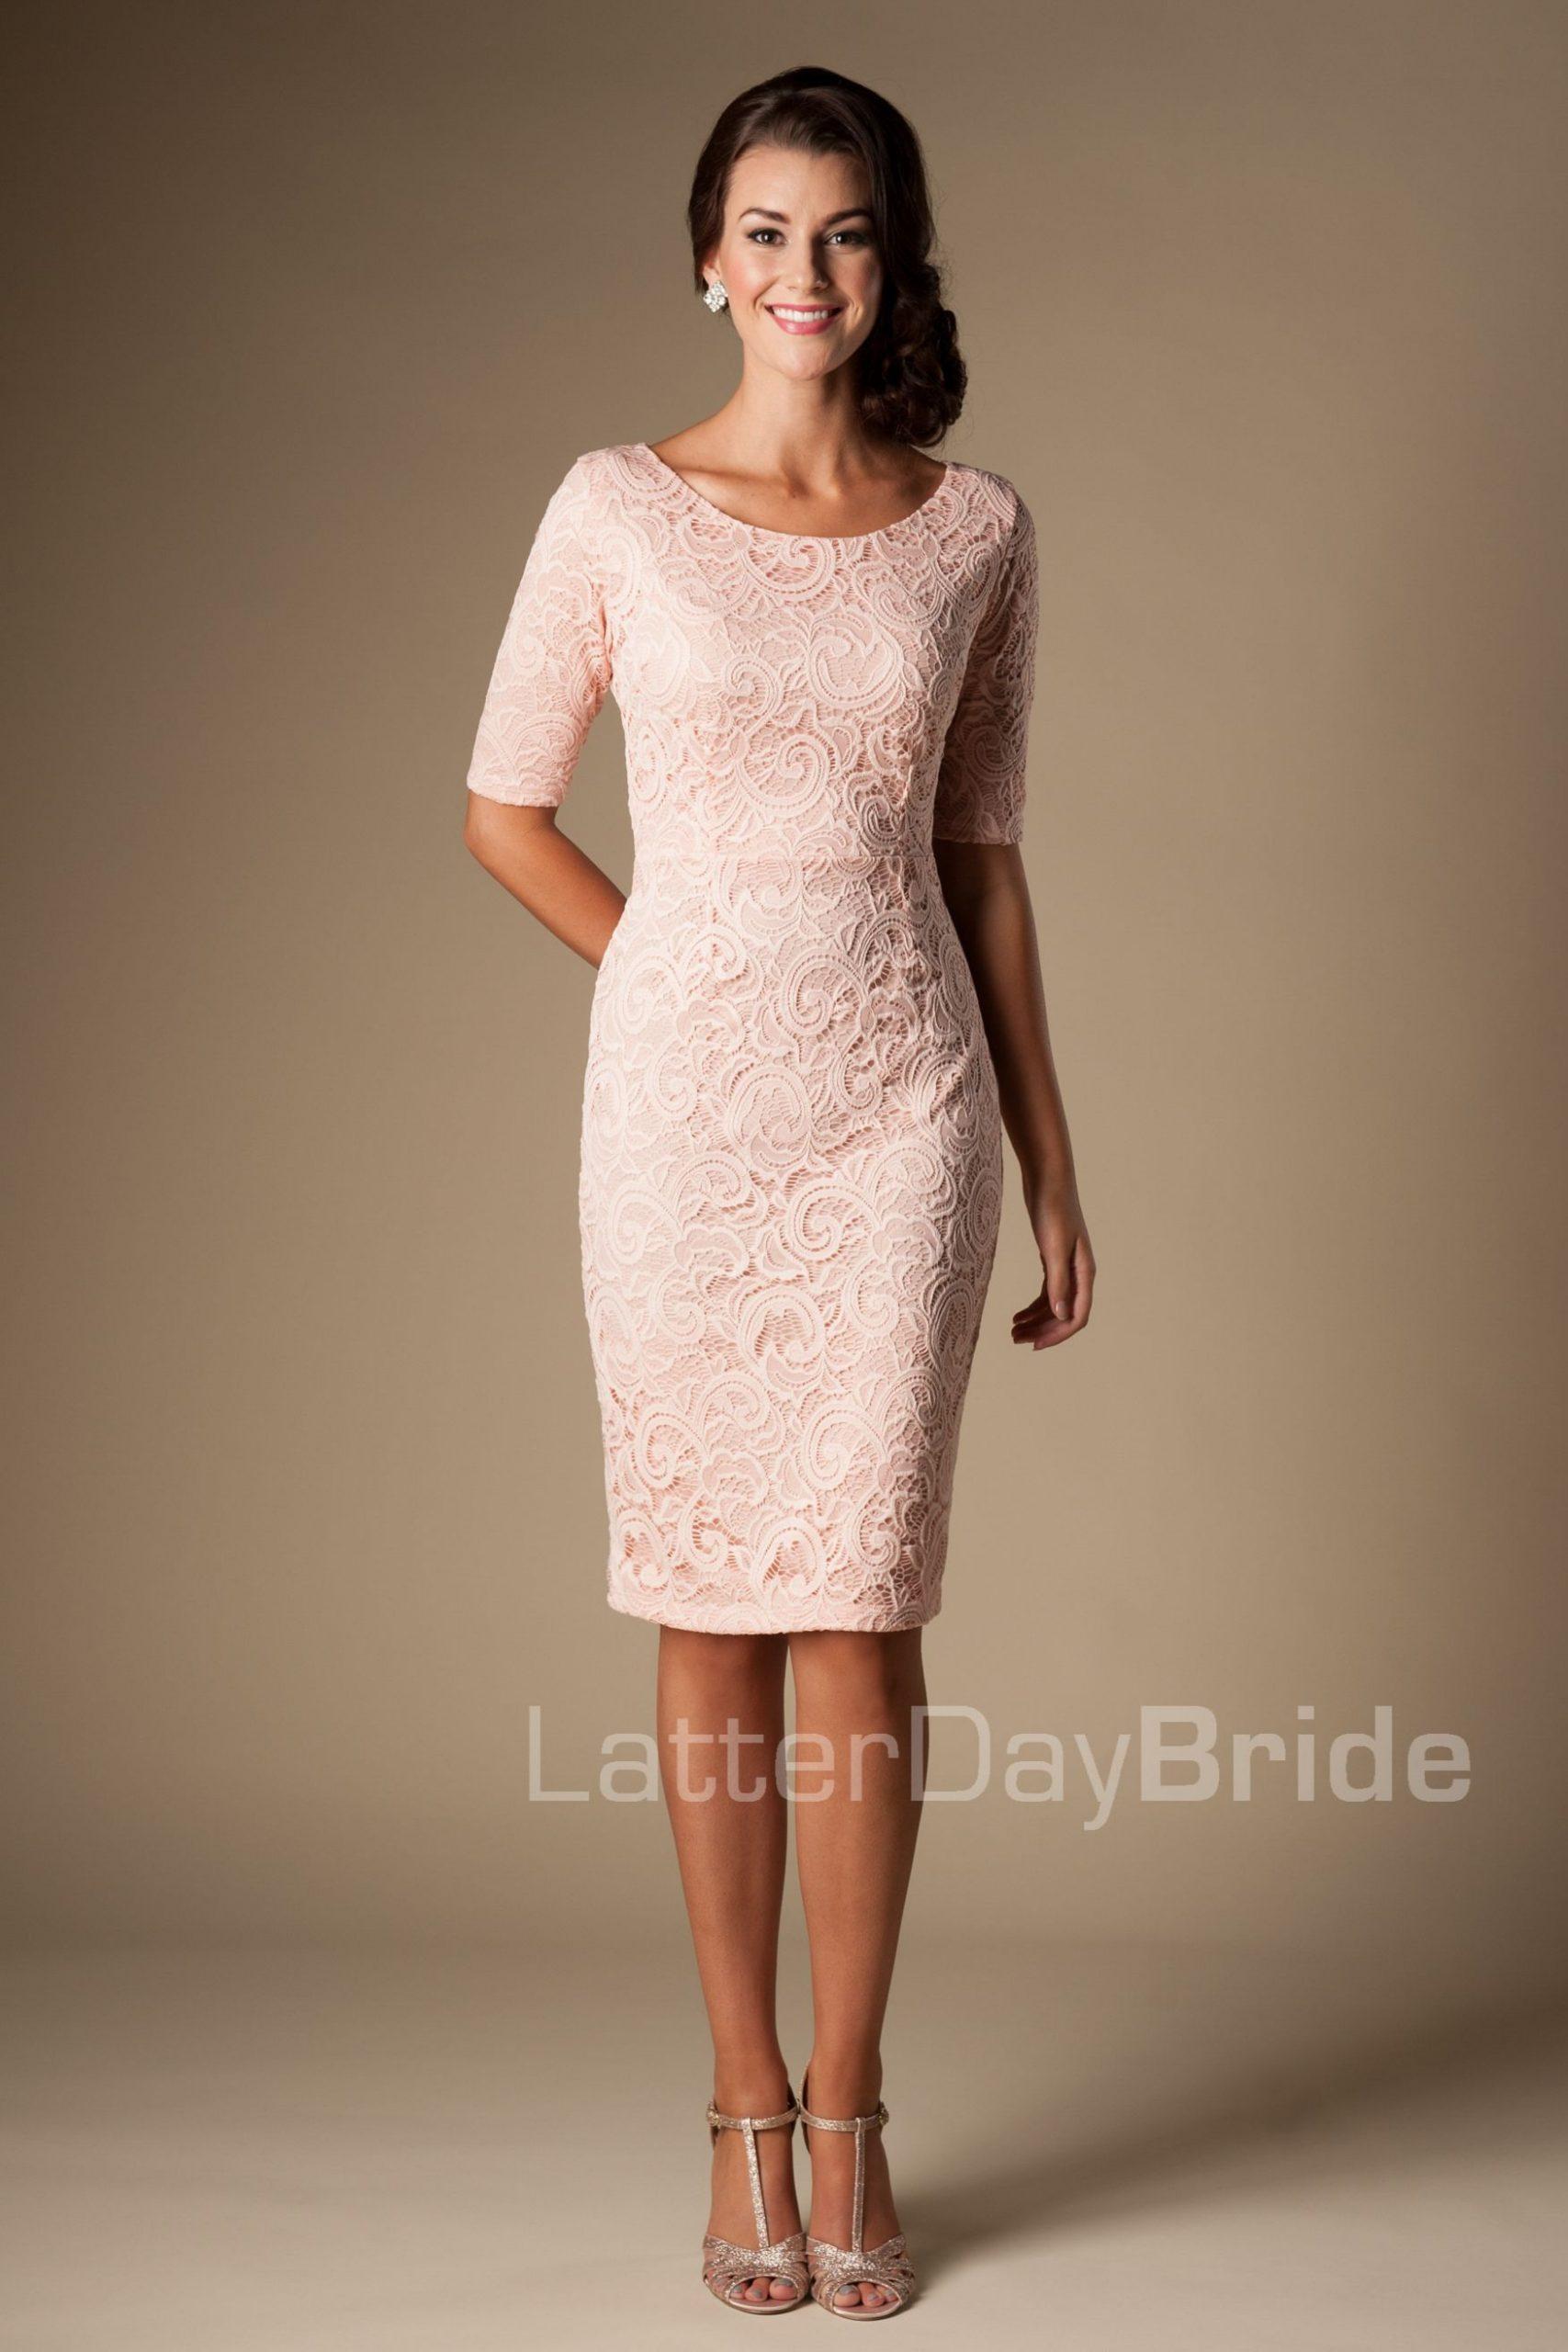 Hochzeitskleid Gast | Festliche Kleider Hochzeit, Kleid